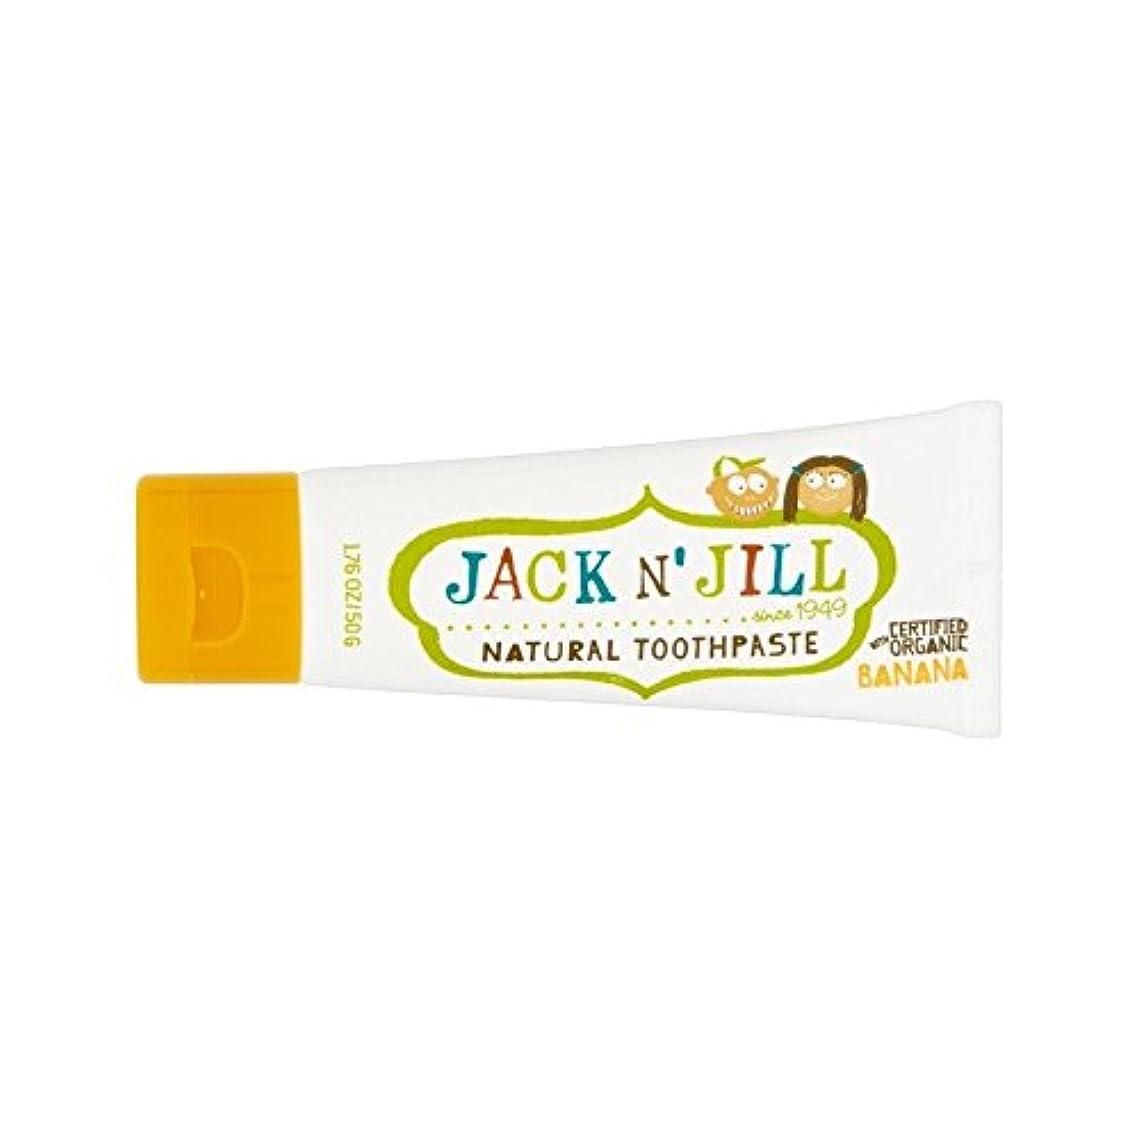 メタン製造心のこもった有機香味50グラムと自然バナナ歯磨き粉 (Jack N Jill) (x 2) - Jack N' Jill Banana Toothpaste Natural with Organic Flavouring 50g (...